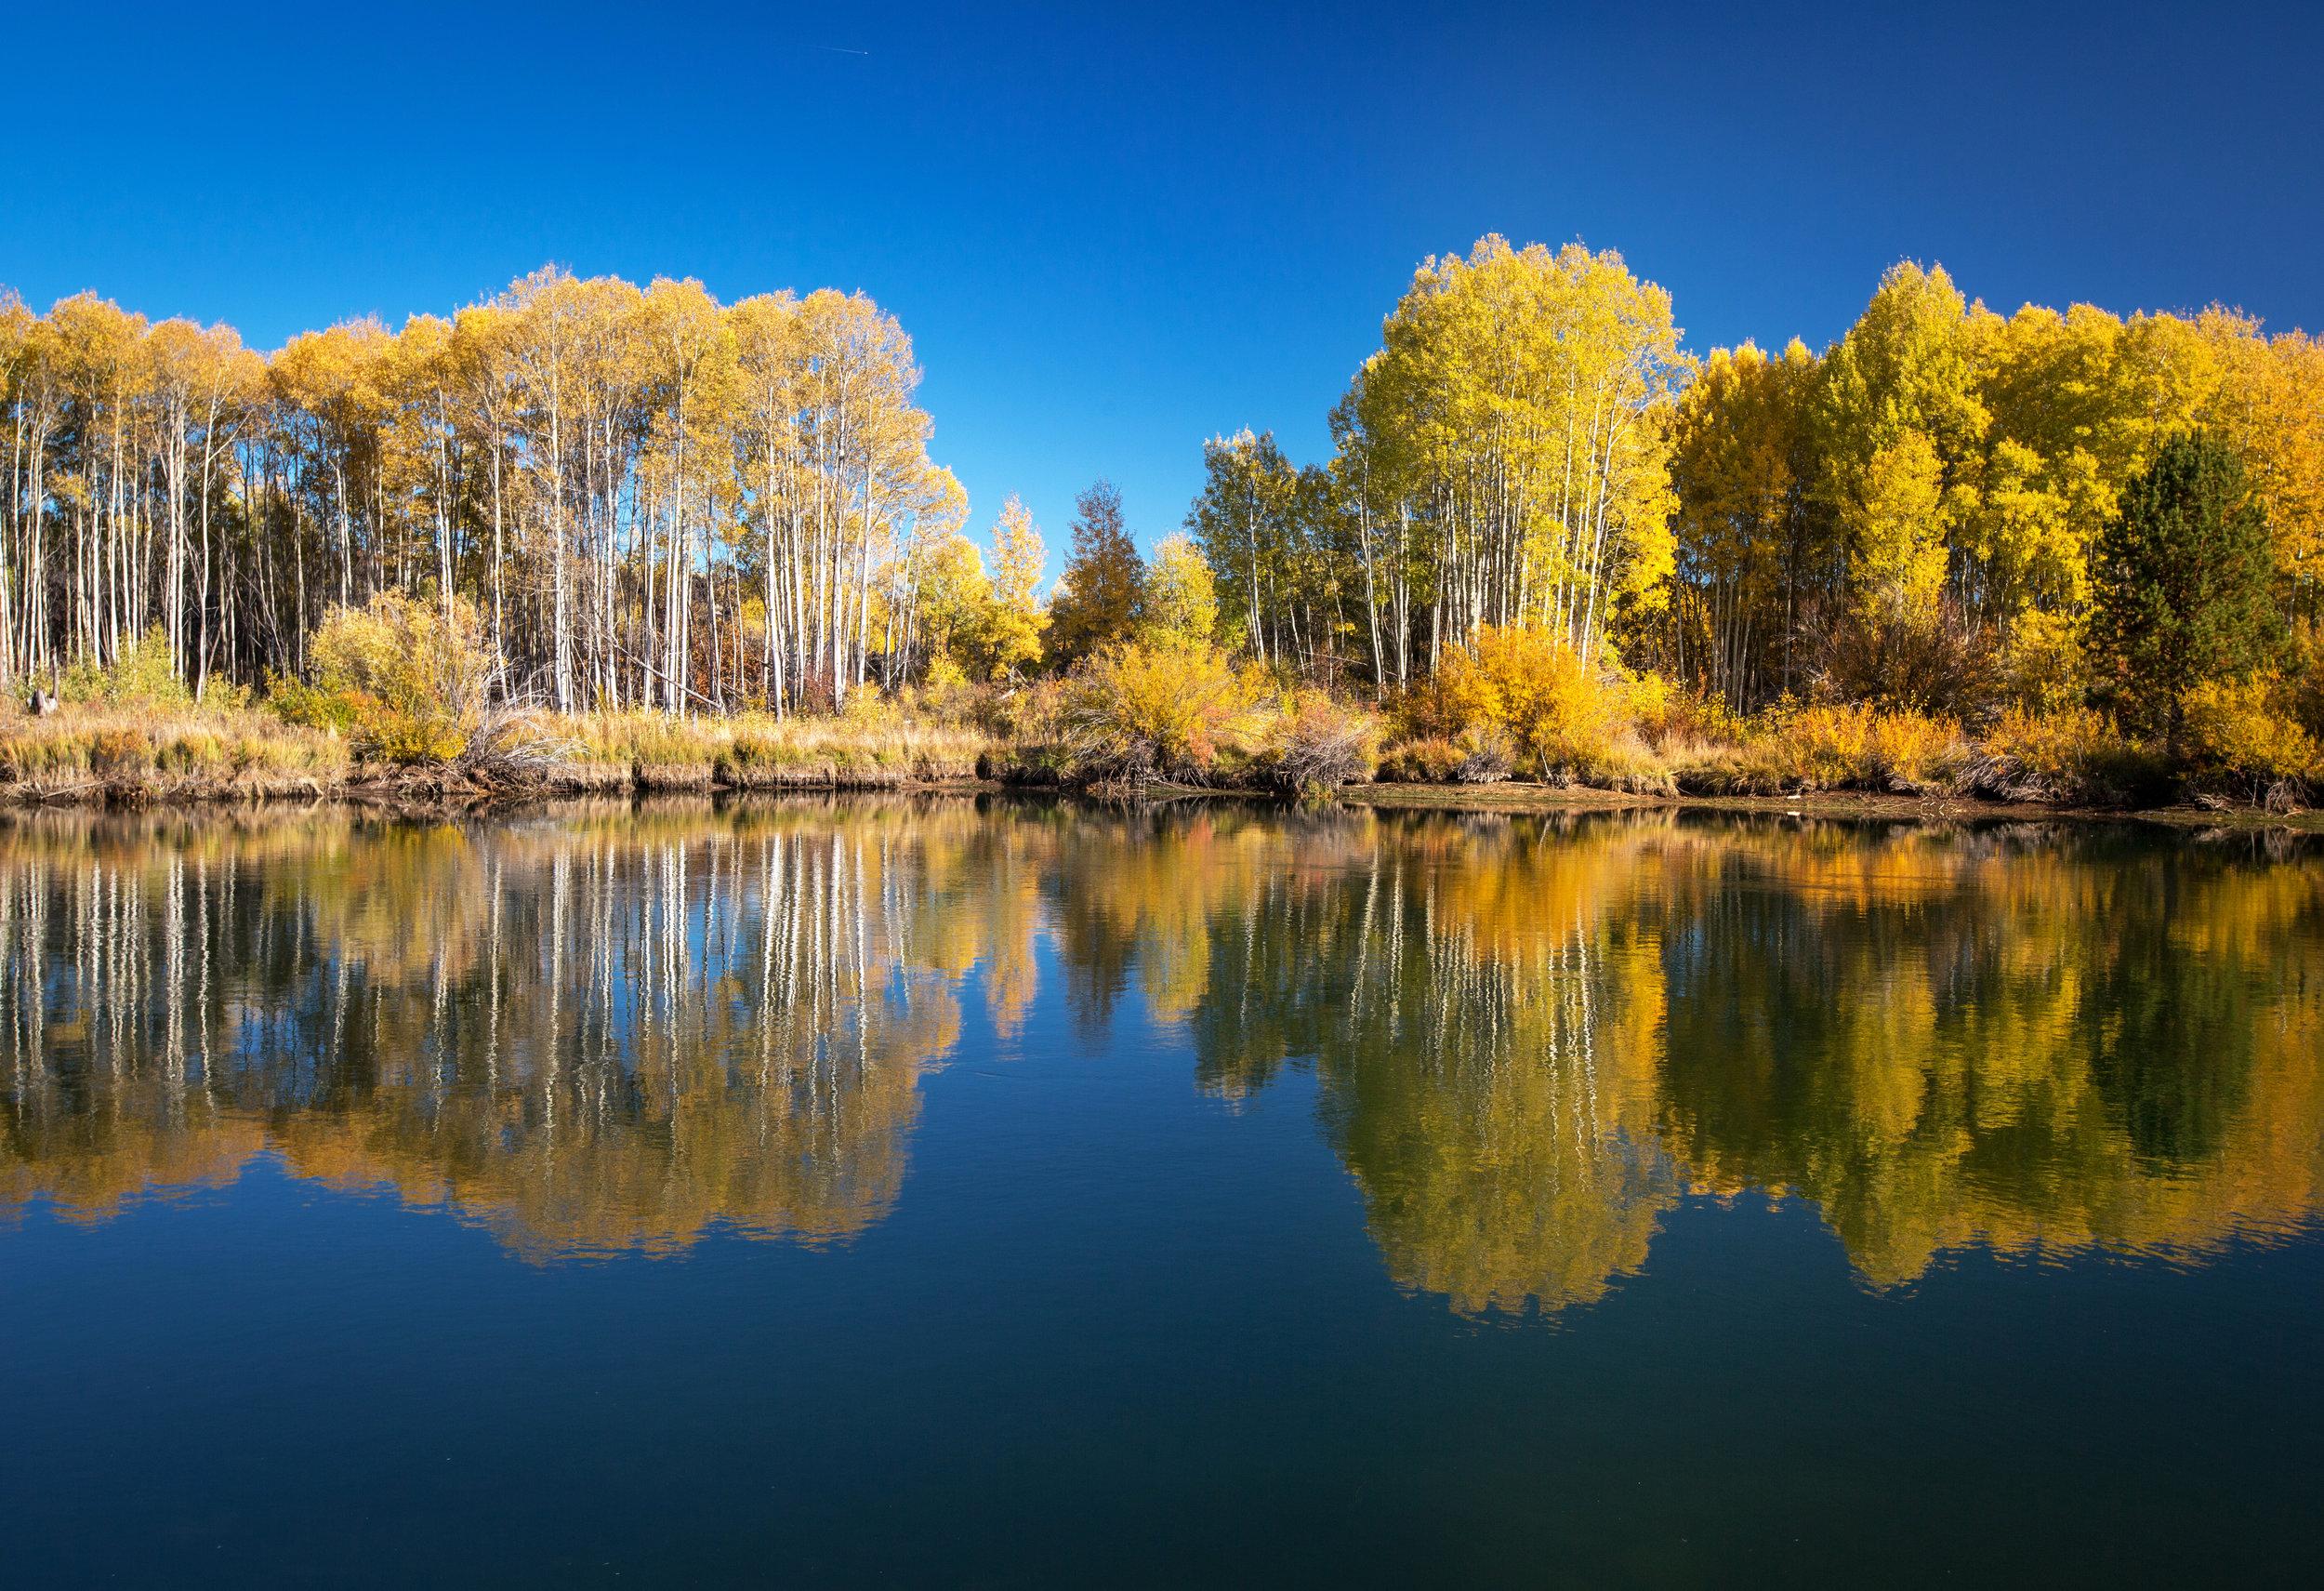 Deschutes River Bend Photo Tours